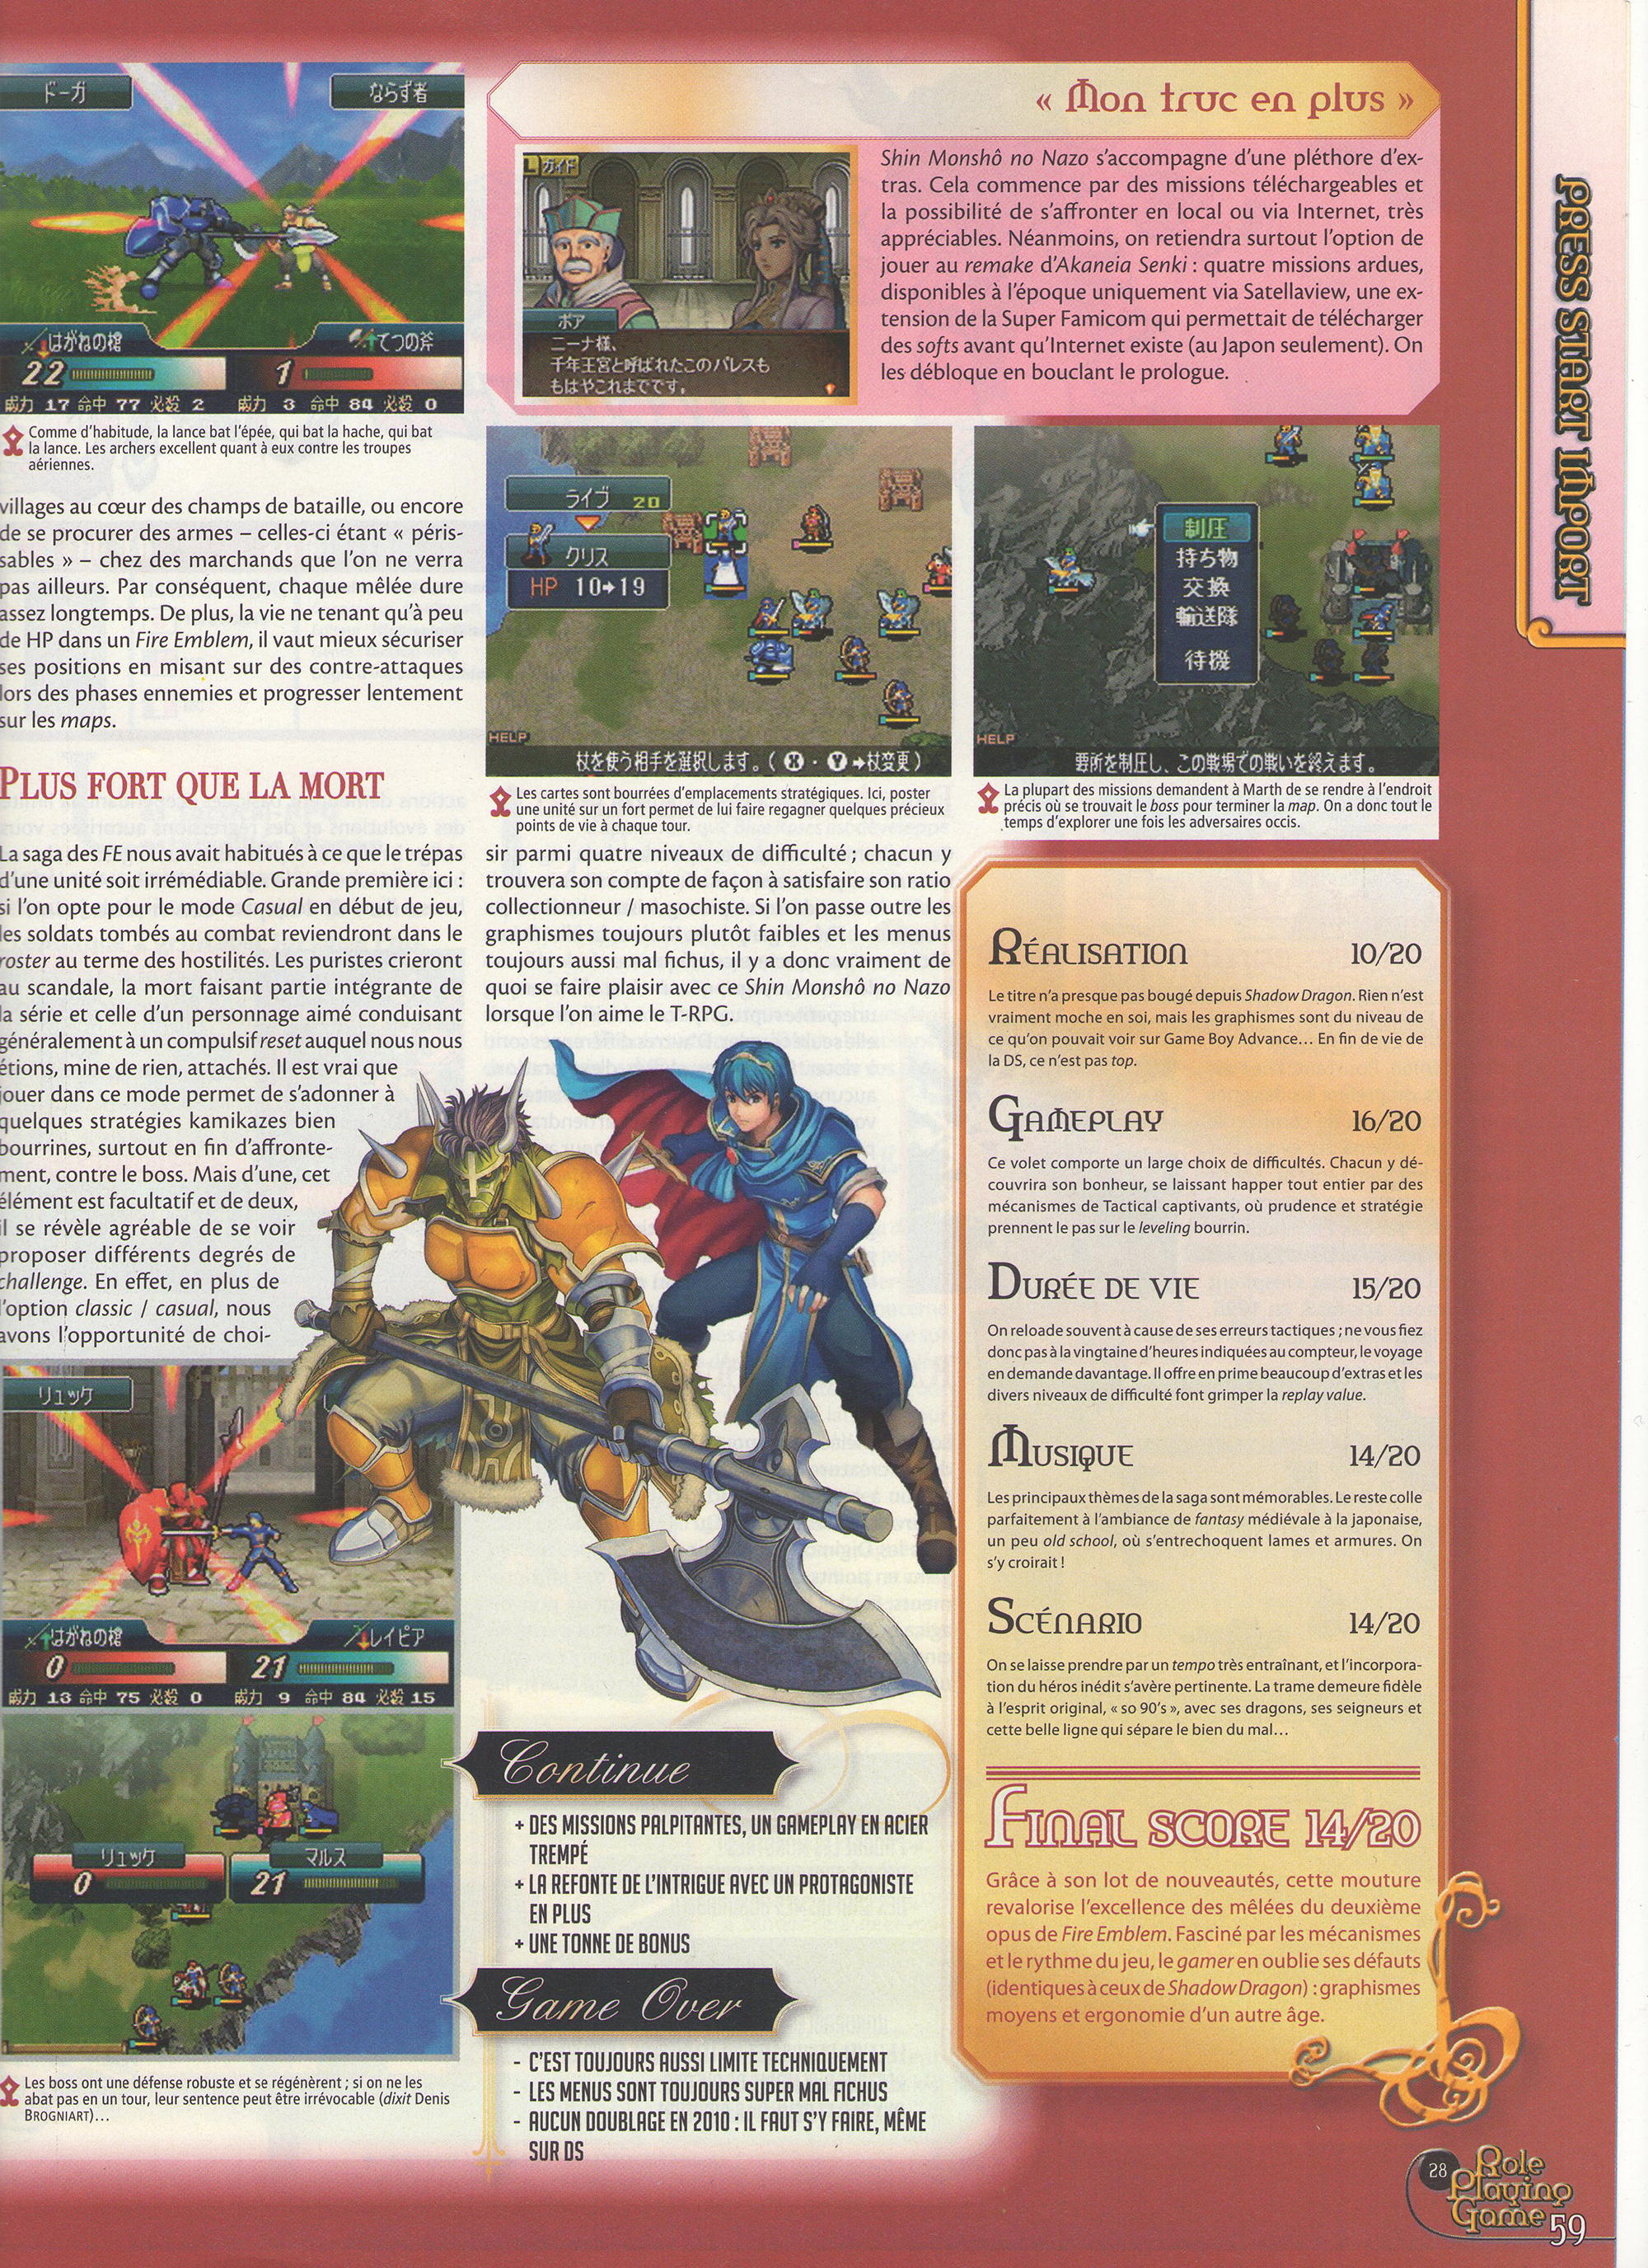 Fire emblem dans la presse papier 1448718234-rpg-mag-fe12-p2